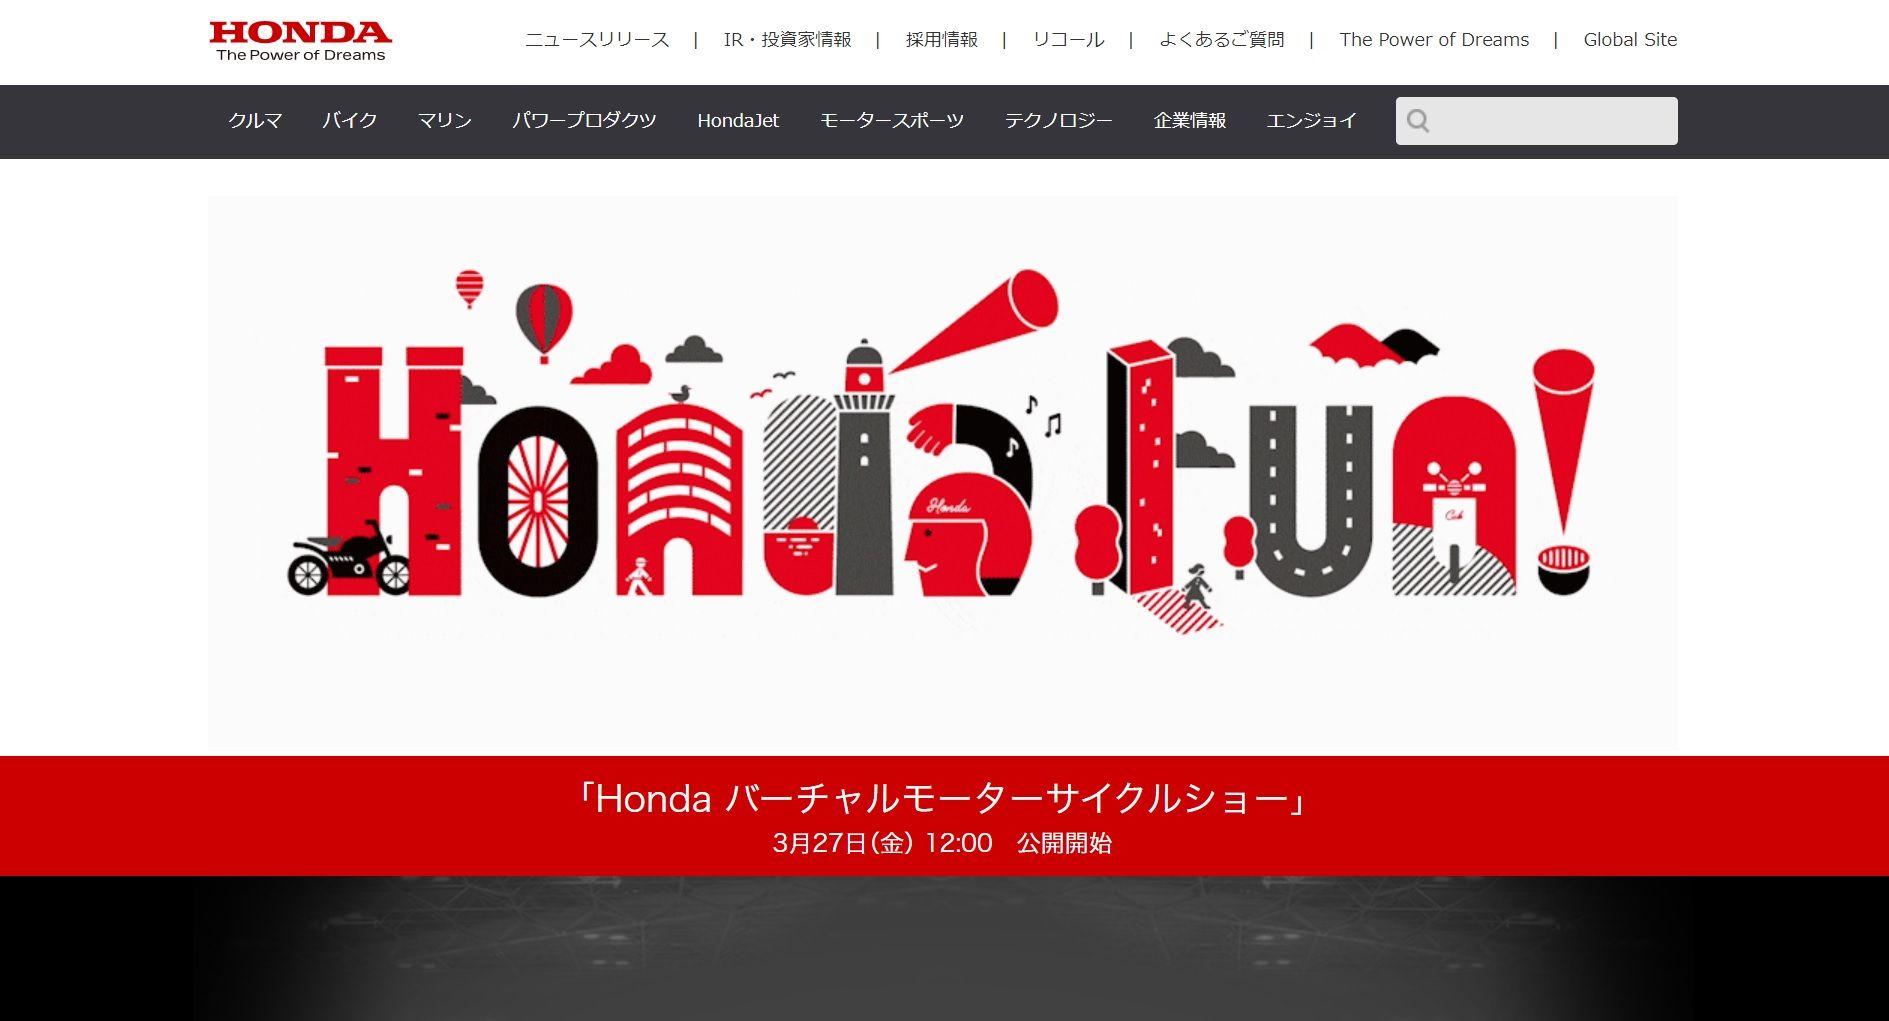 ホンダ、中止の二輪車ショー代替で「バーチャルモーターサイクルショー」 スズキやカワサキも対応策